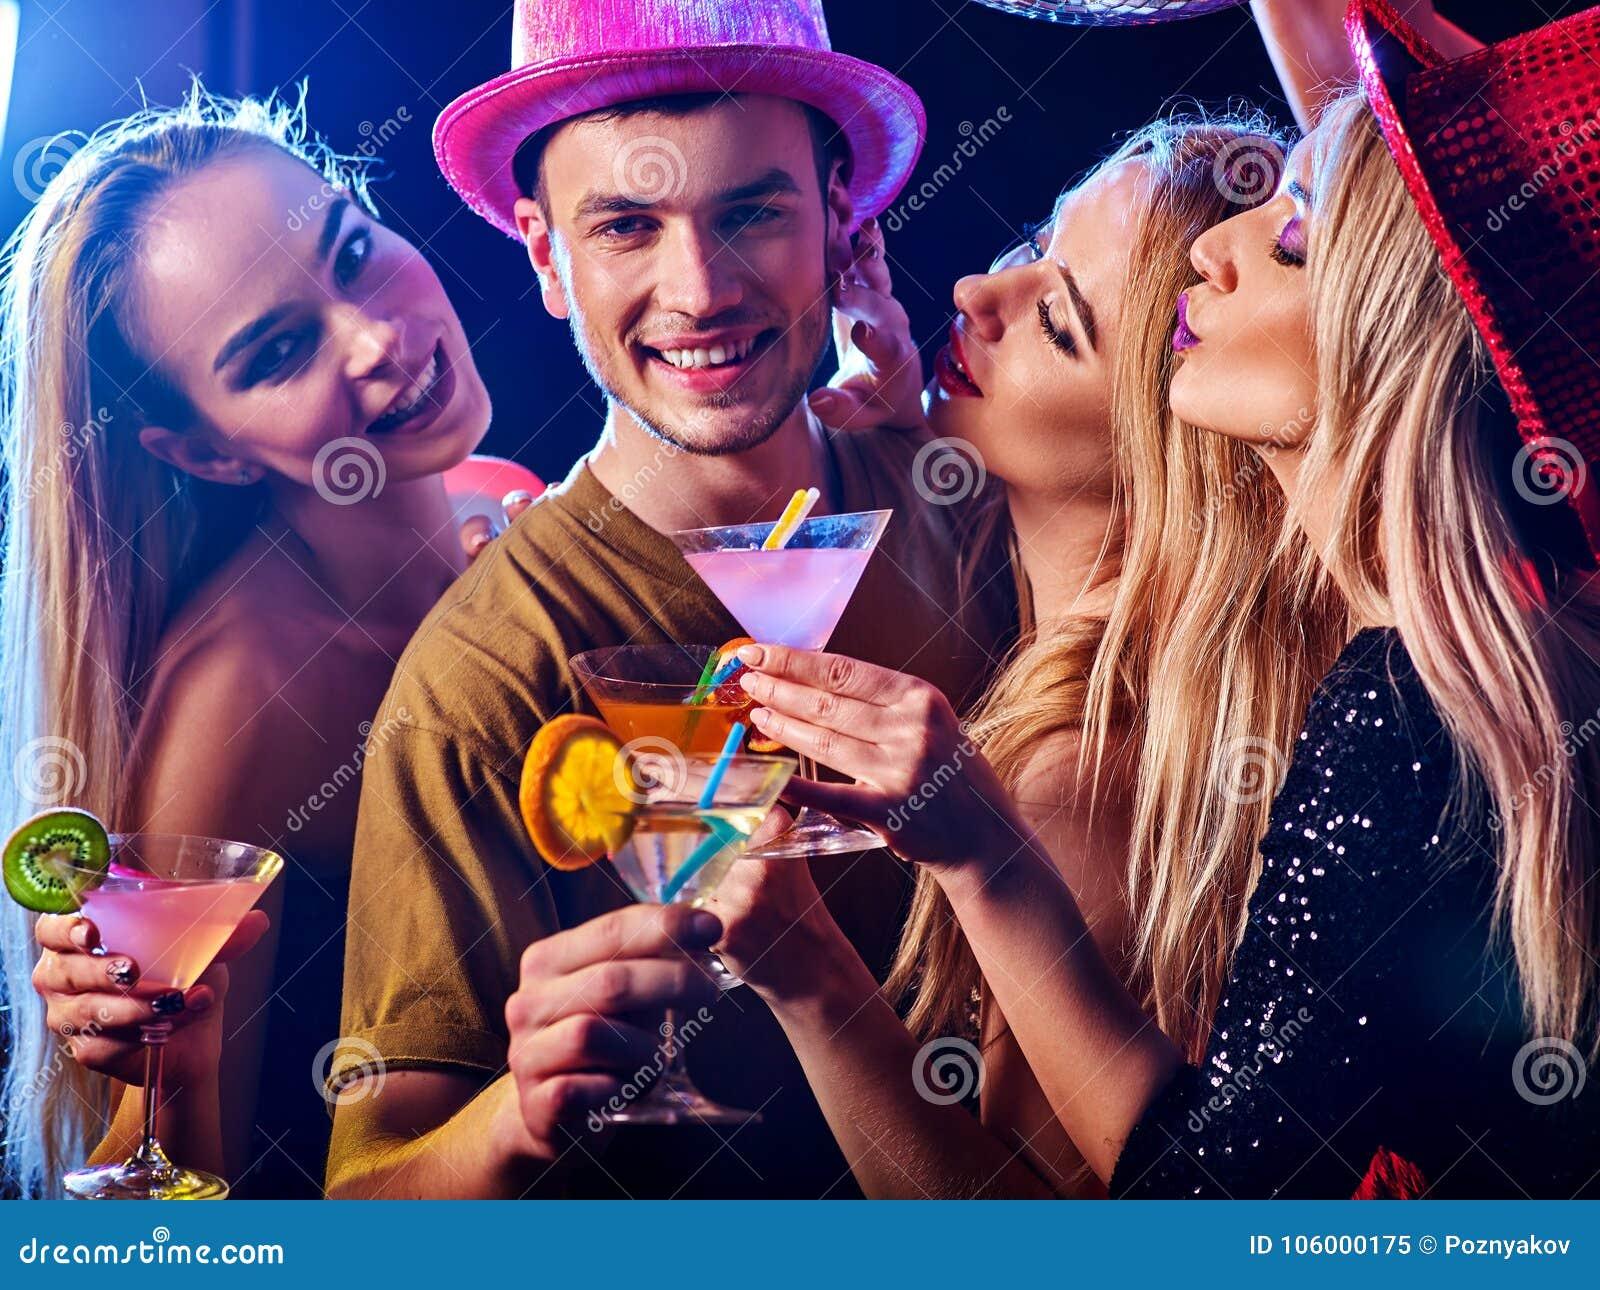 Танцует в клубе мужчина что сегодня в клубах в москве